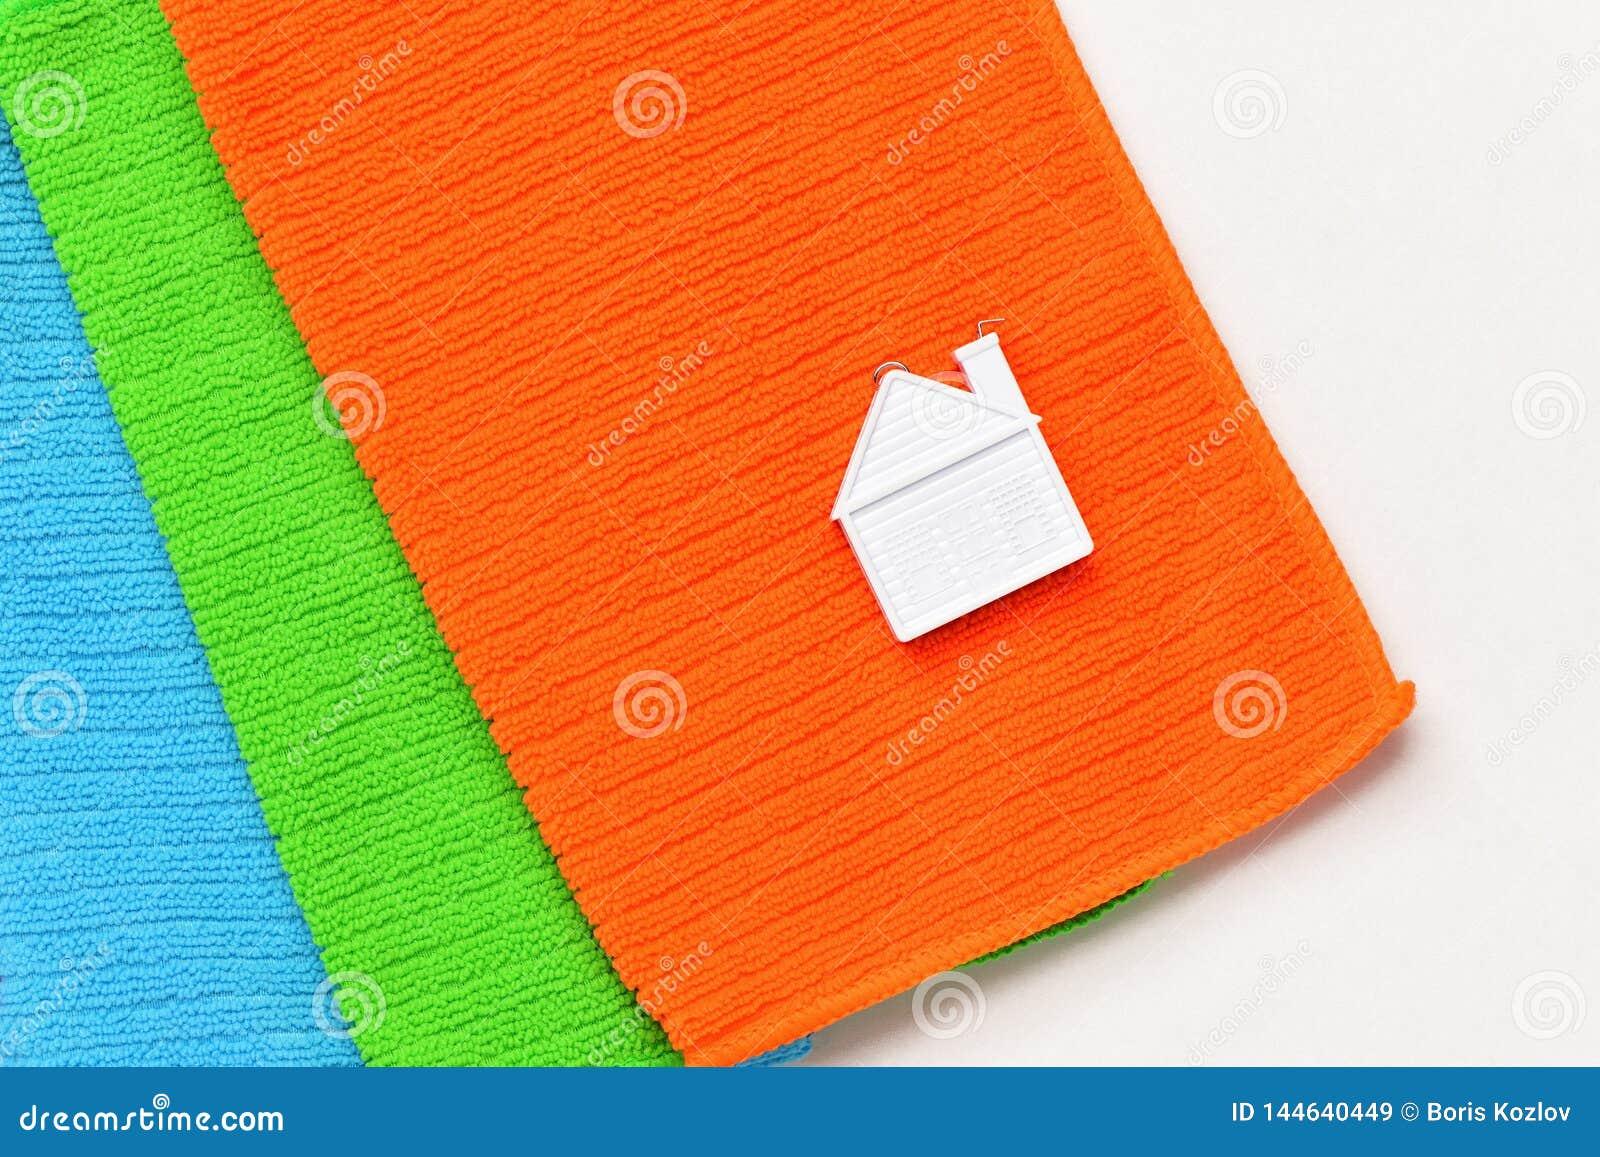 Una casetta si trova su una pila di tre asciugamani su un fondo bianco